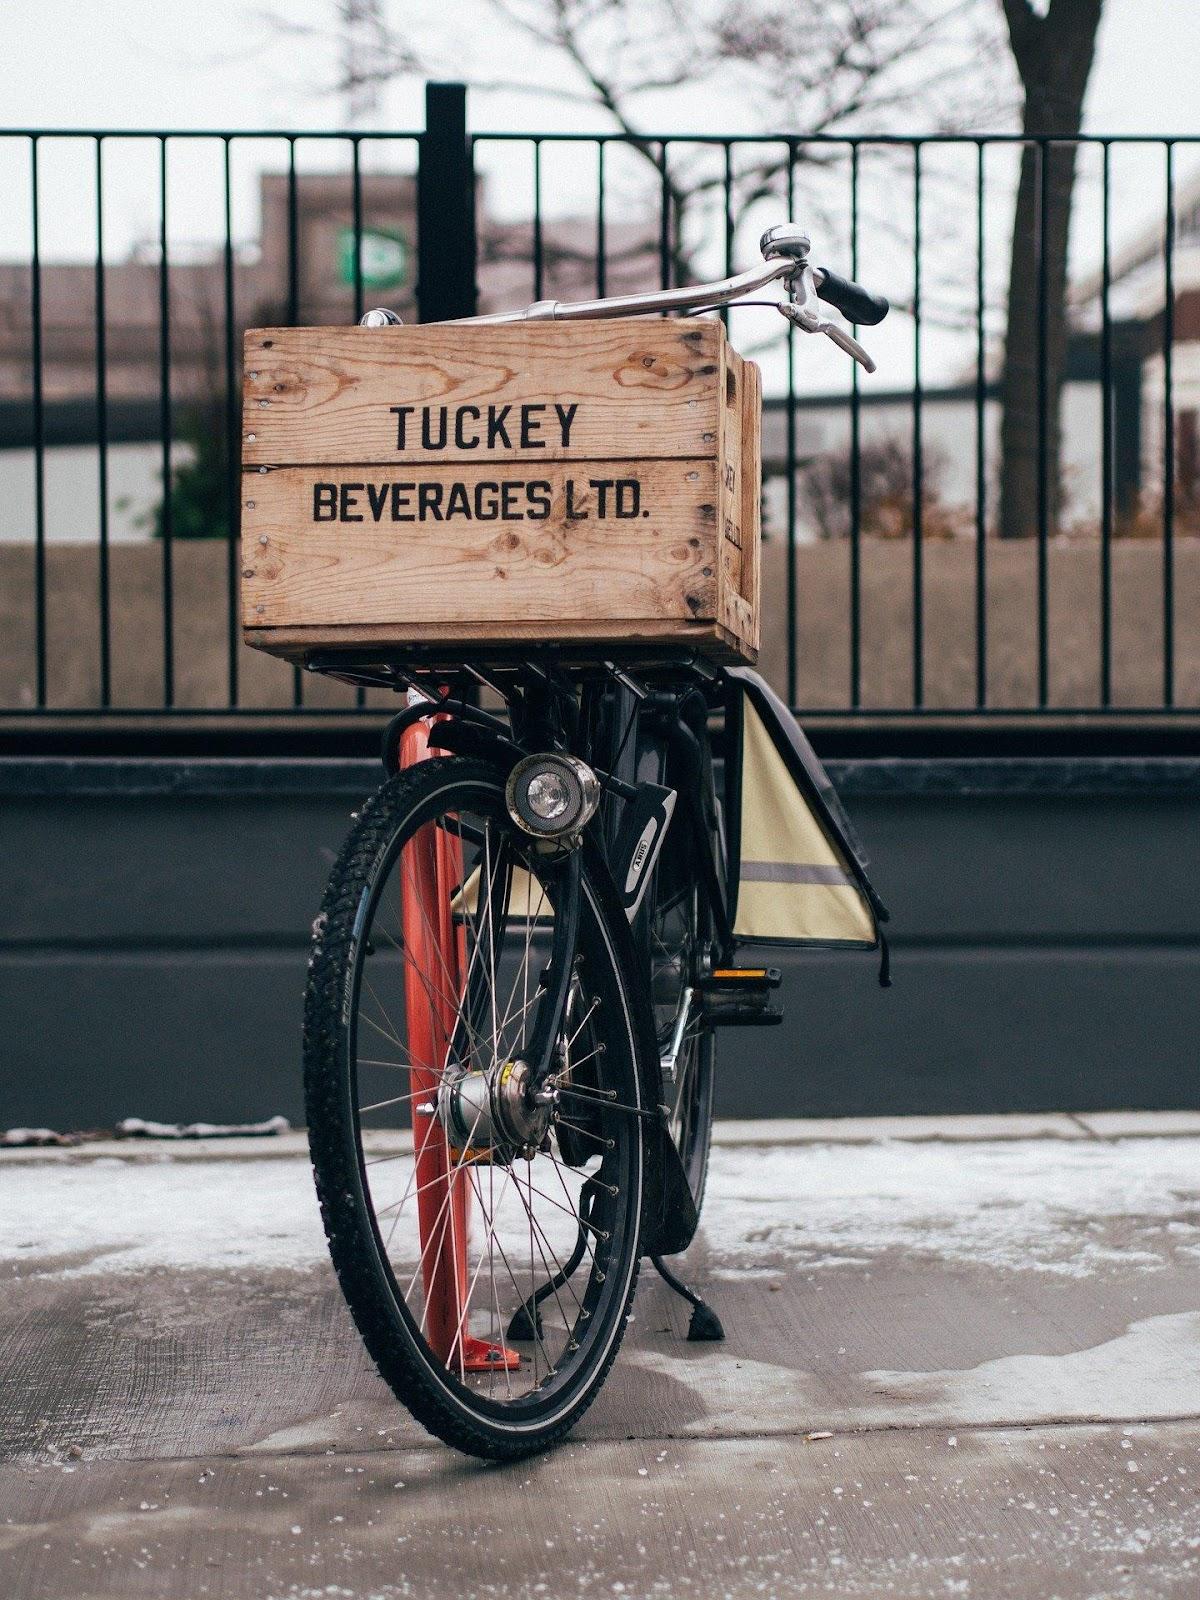 C:\Users\Eliceo\Documents\Redacción\Redactores Alfa\New\bicycle-1836982_1920.jpg